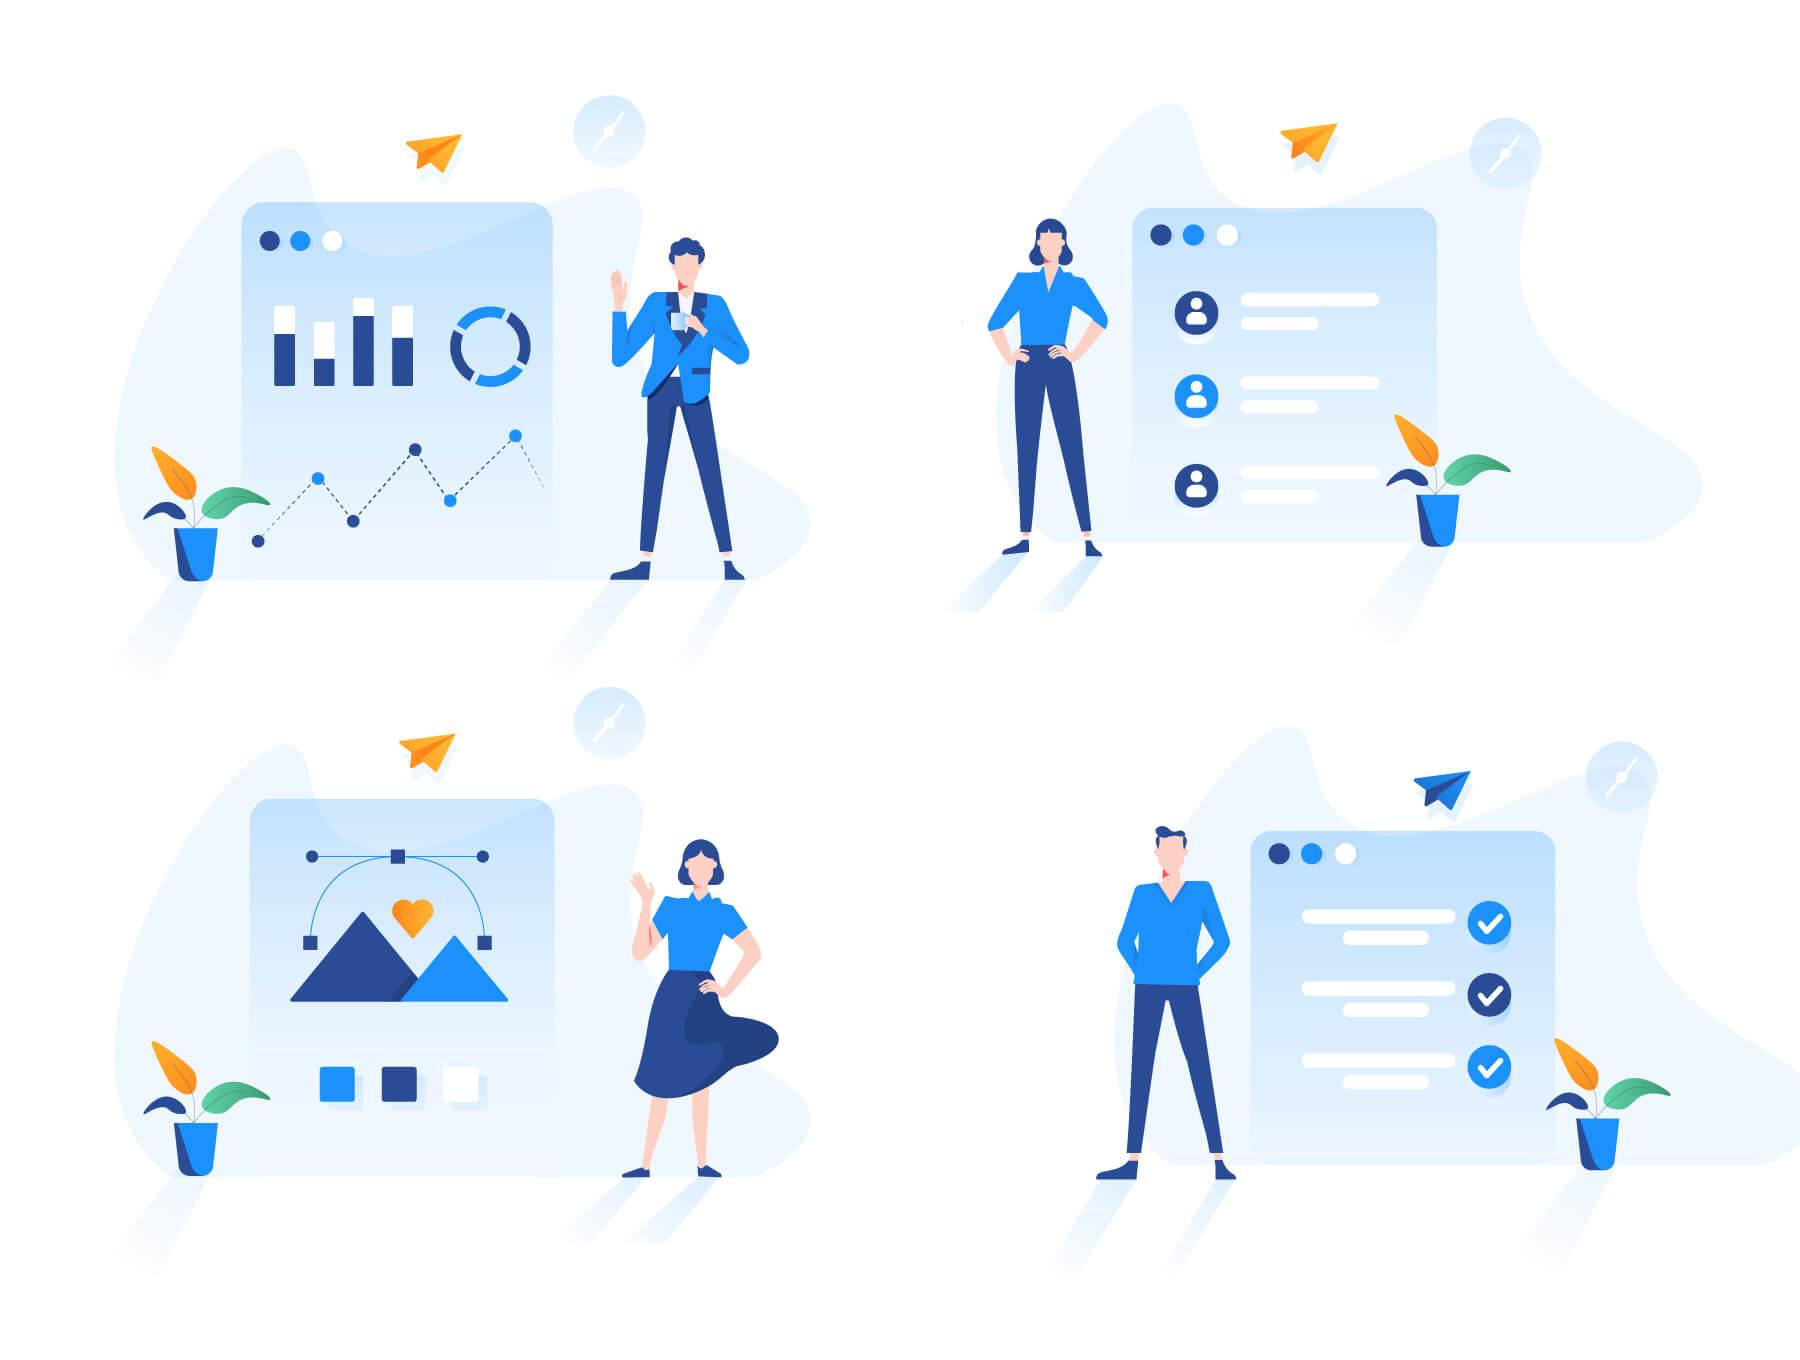 现代企业办公场景插画/移动界面素材下载Illustration Pack插图(2)